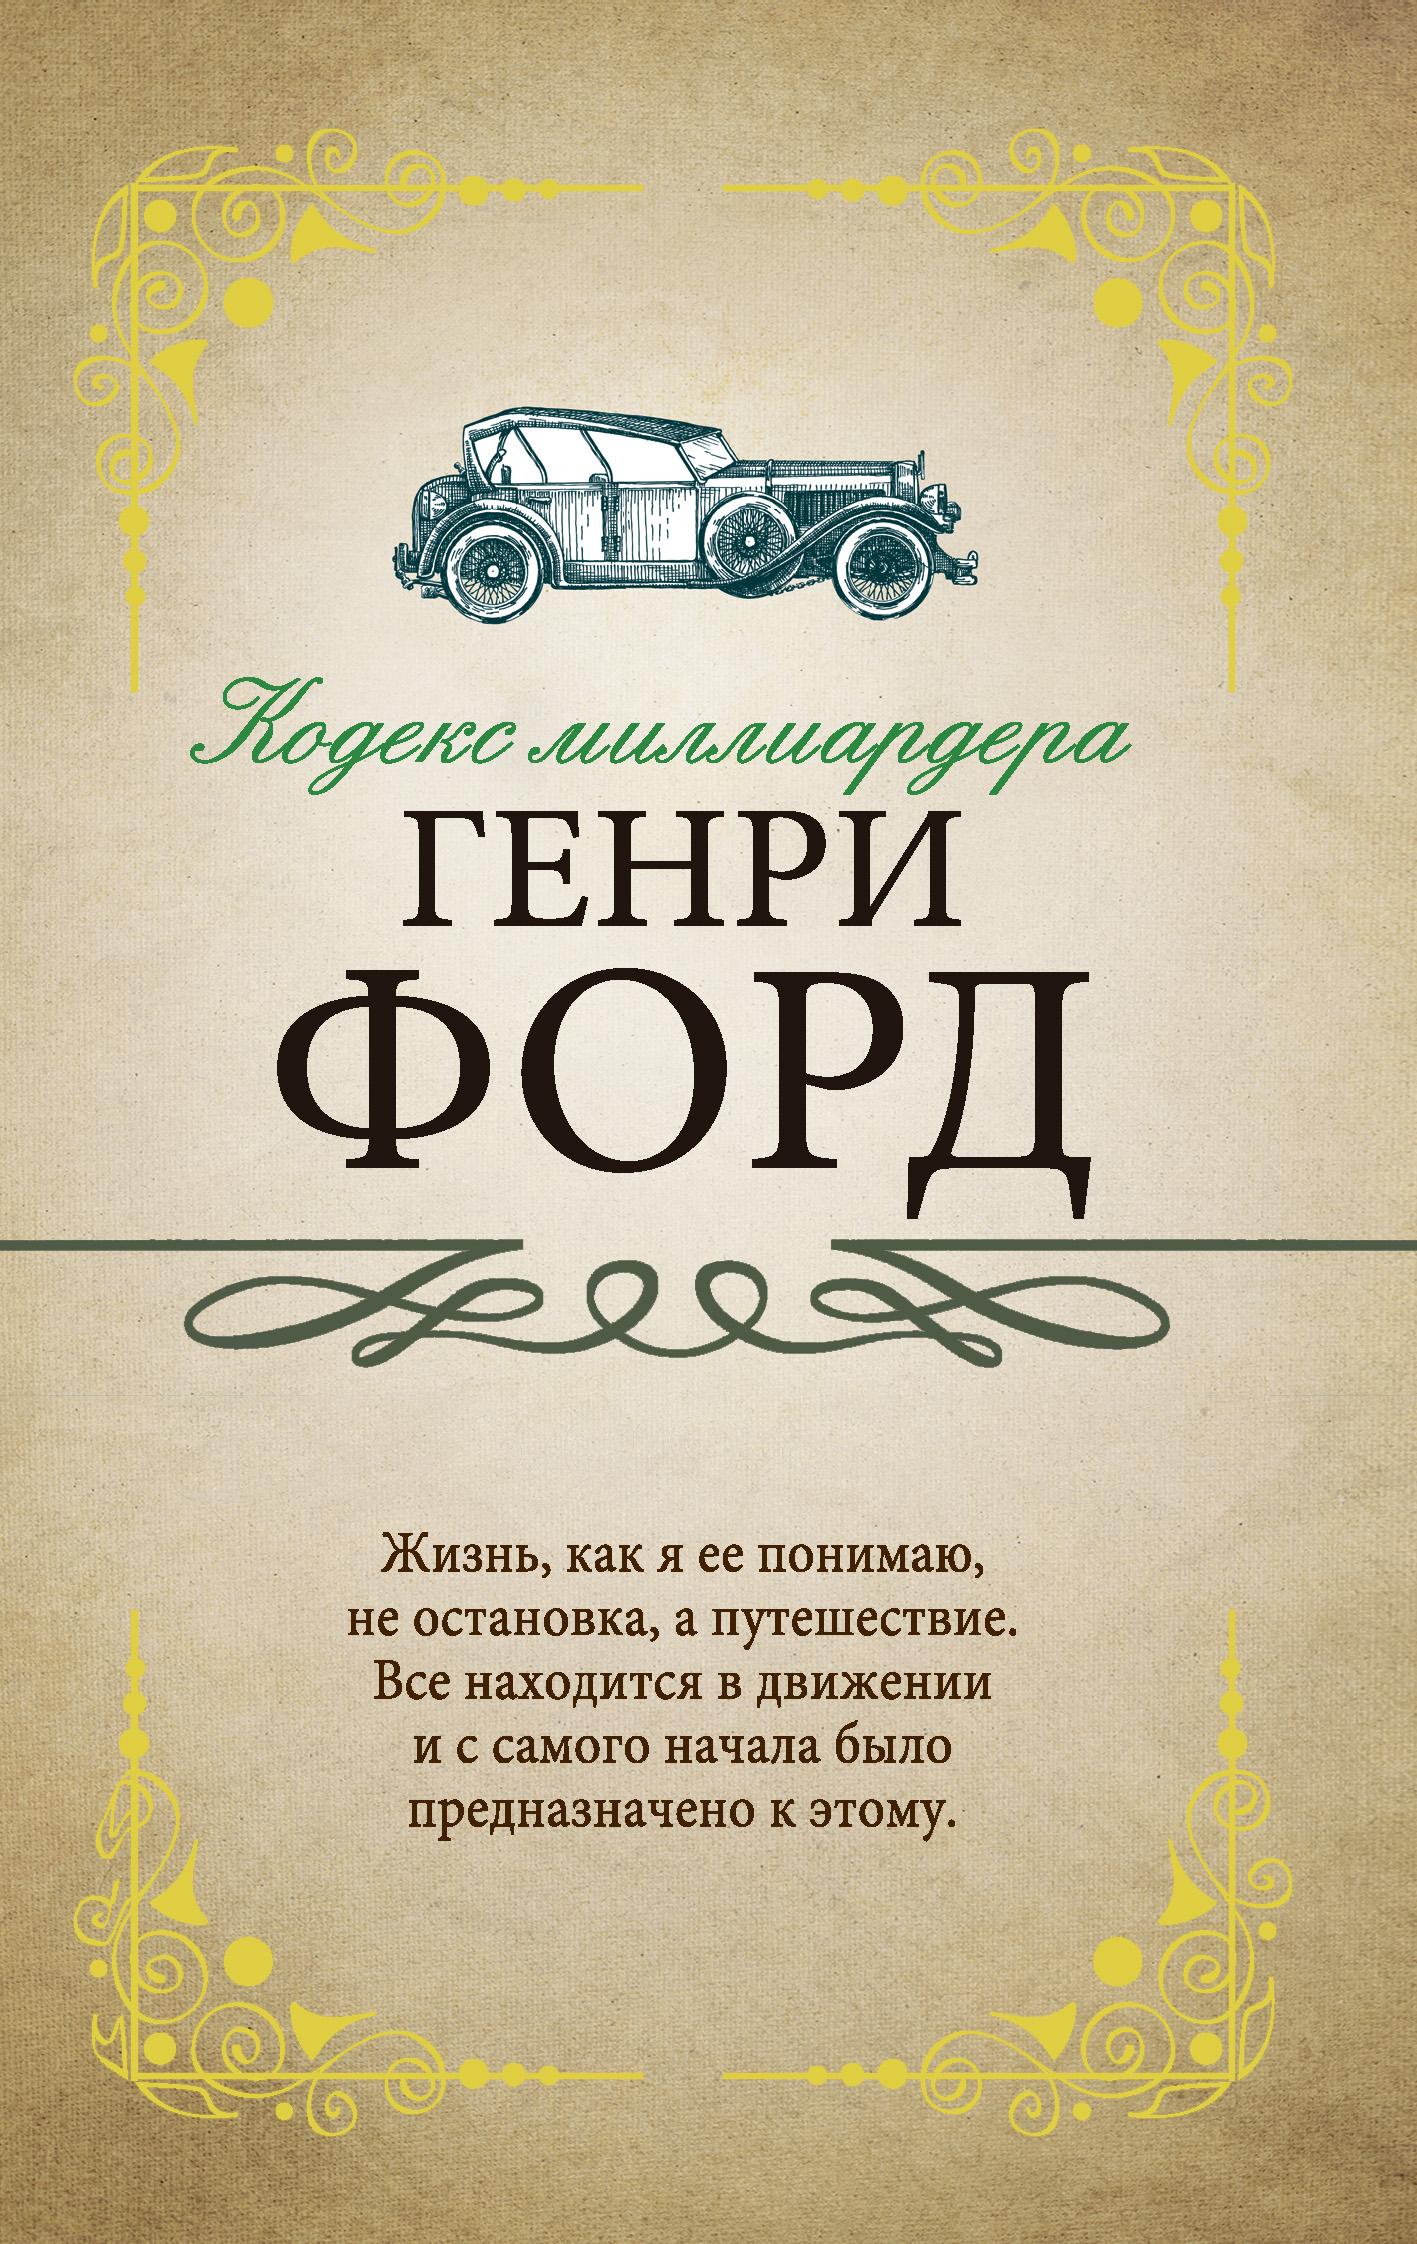 Обложка книги. Автор - Генри Форд